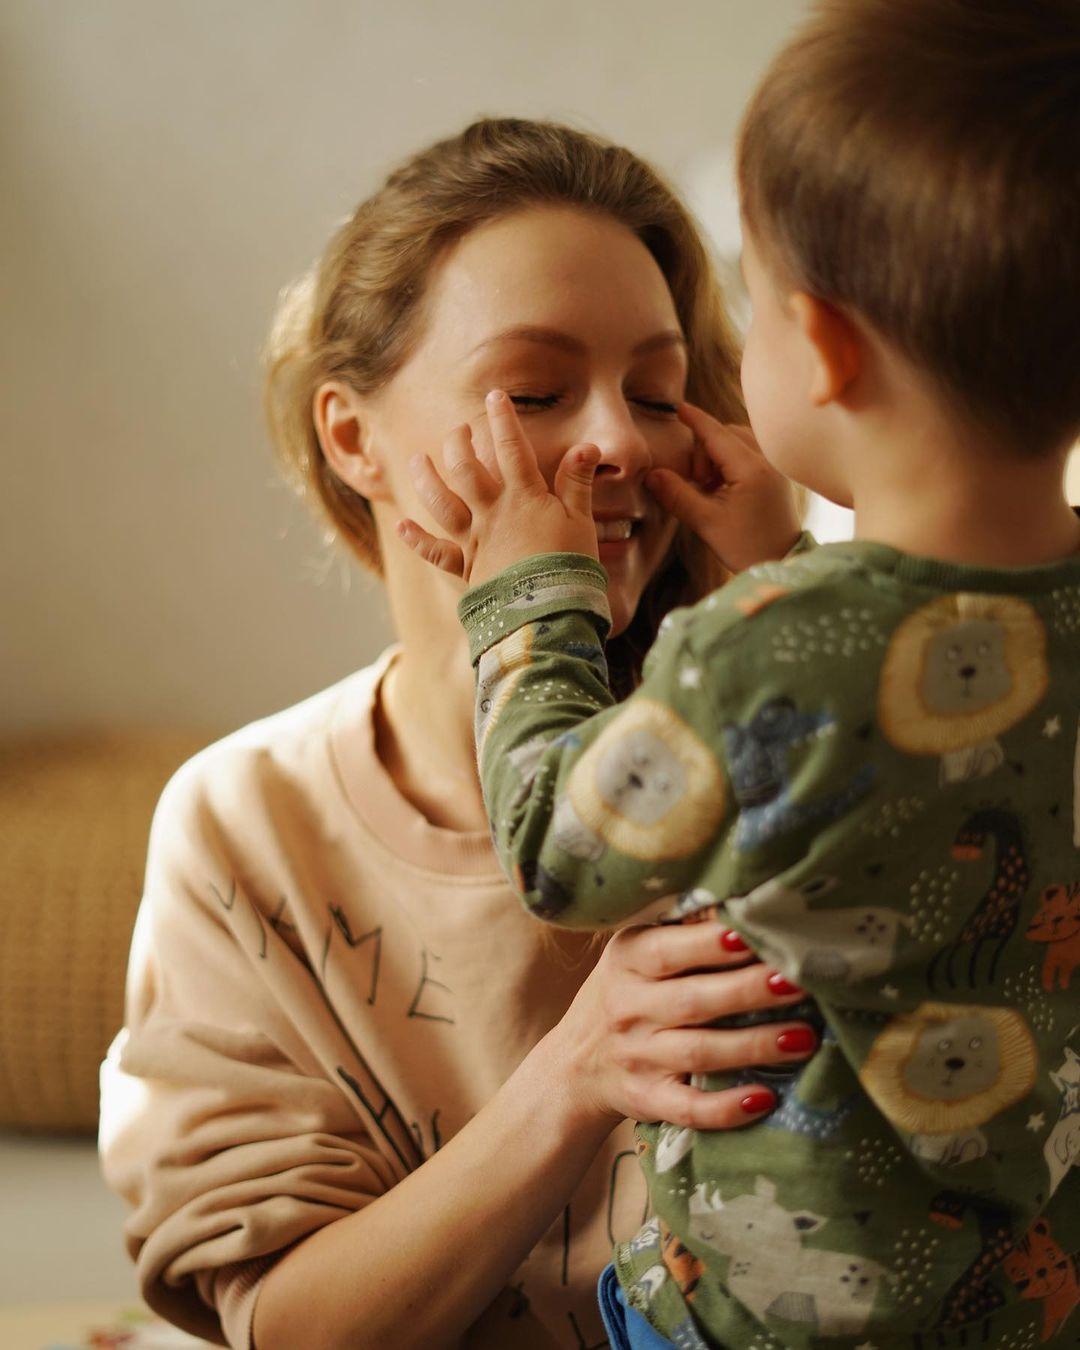 Алена Шоптенко показала подросшего сыночка и рассмешила сеть историей о нем